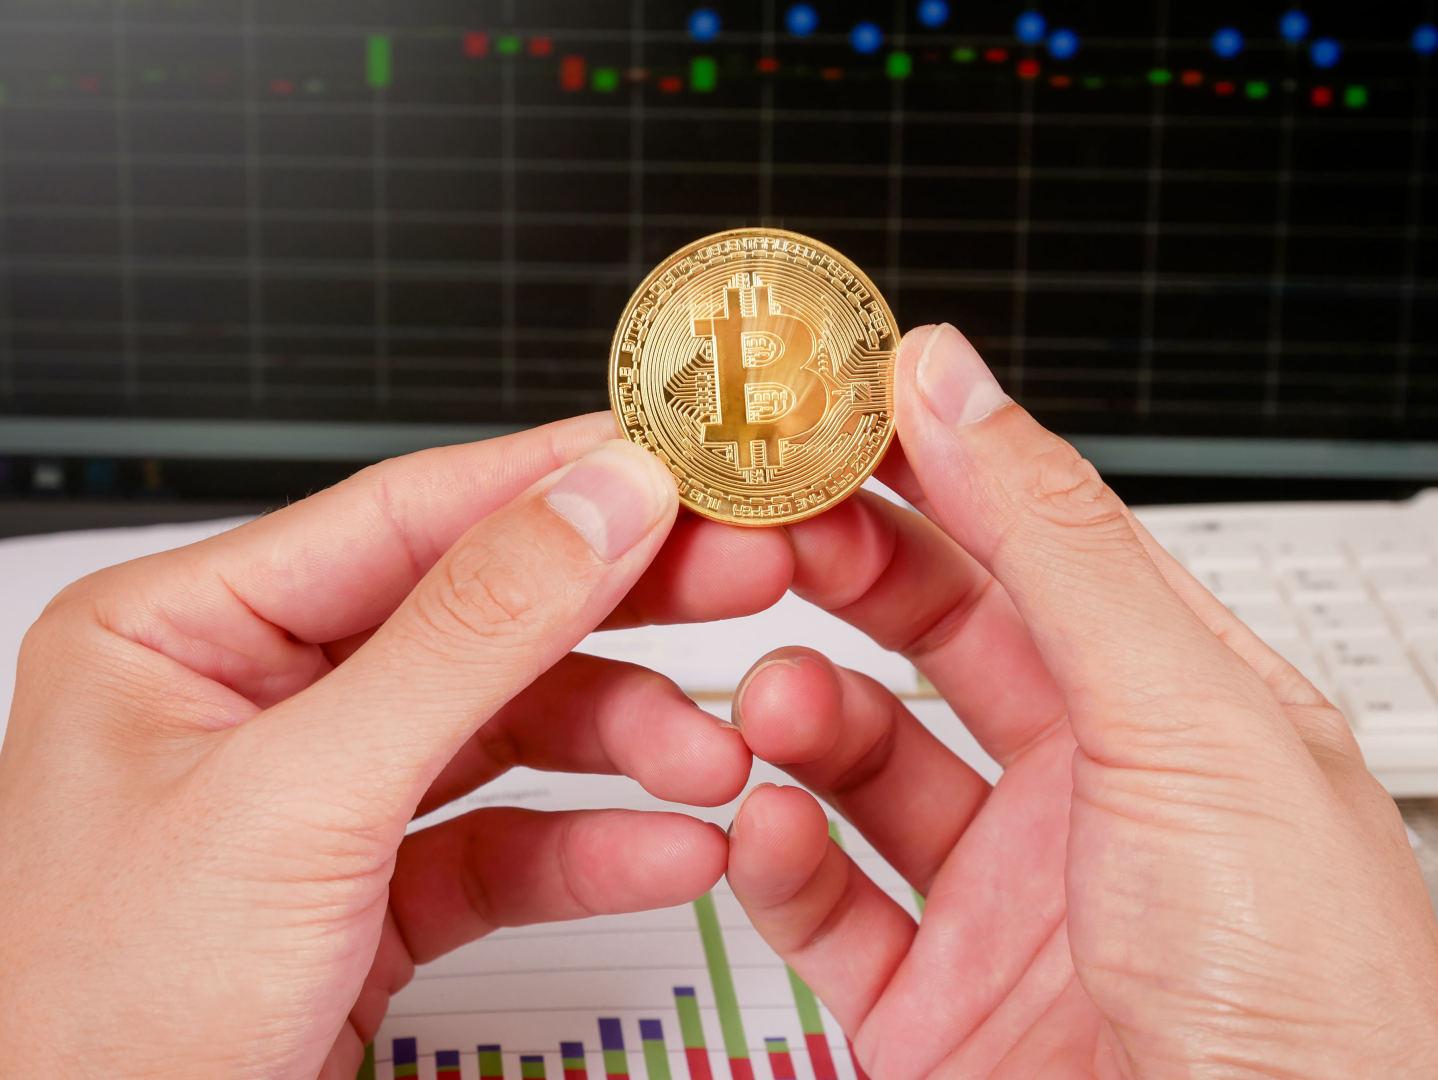 kurių biržose prekiaujama bitkoinais pajamos iš indėlių su palūkanomis internete